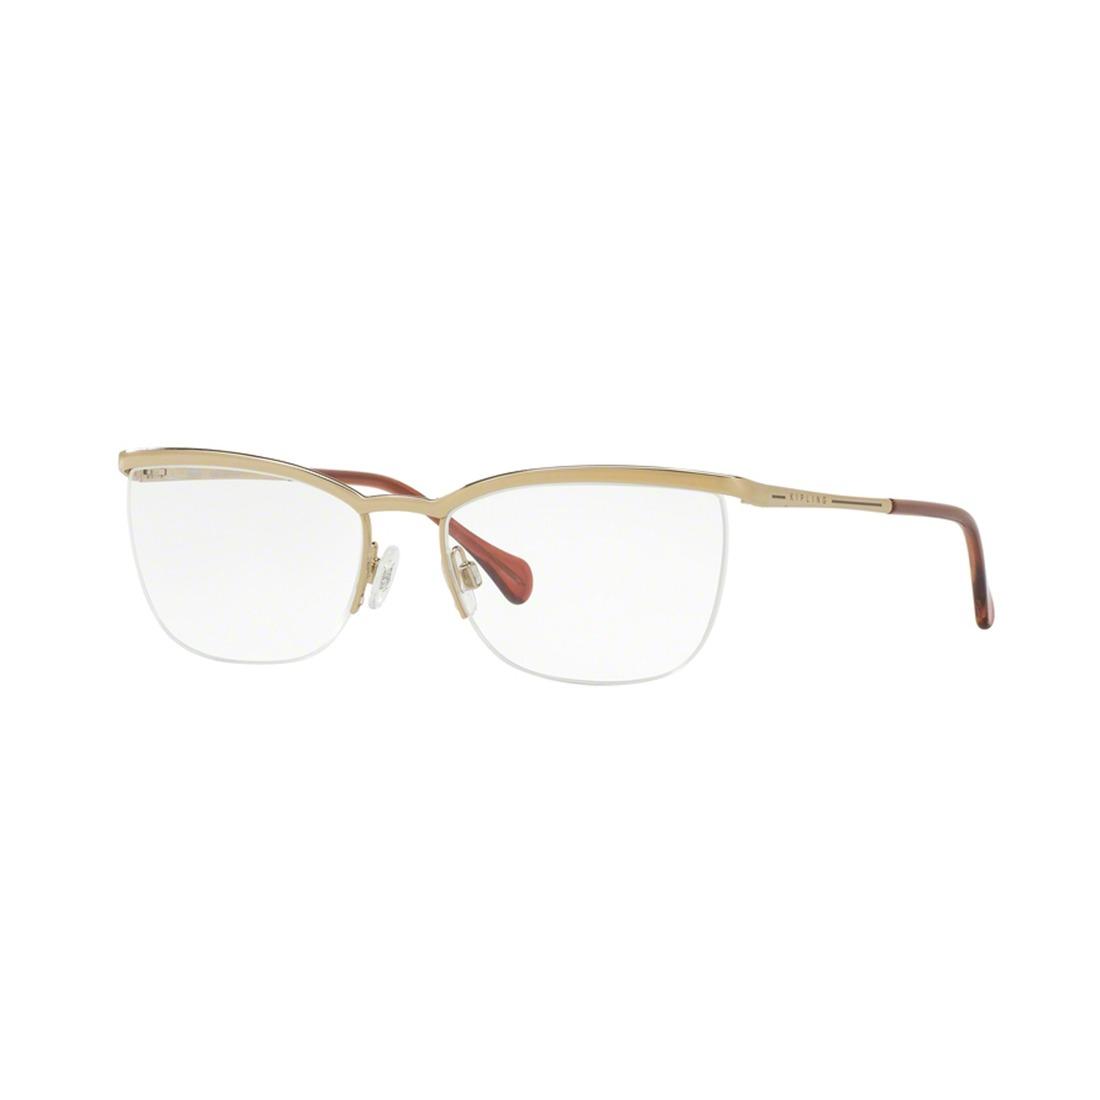 35791fae0 Kipling Kp 1098 Óculos De Grau - R$ 226,21 em Mercado Livre